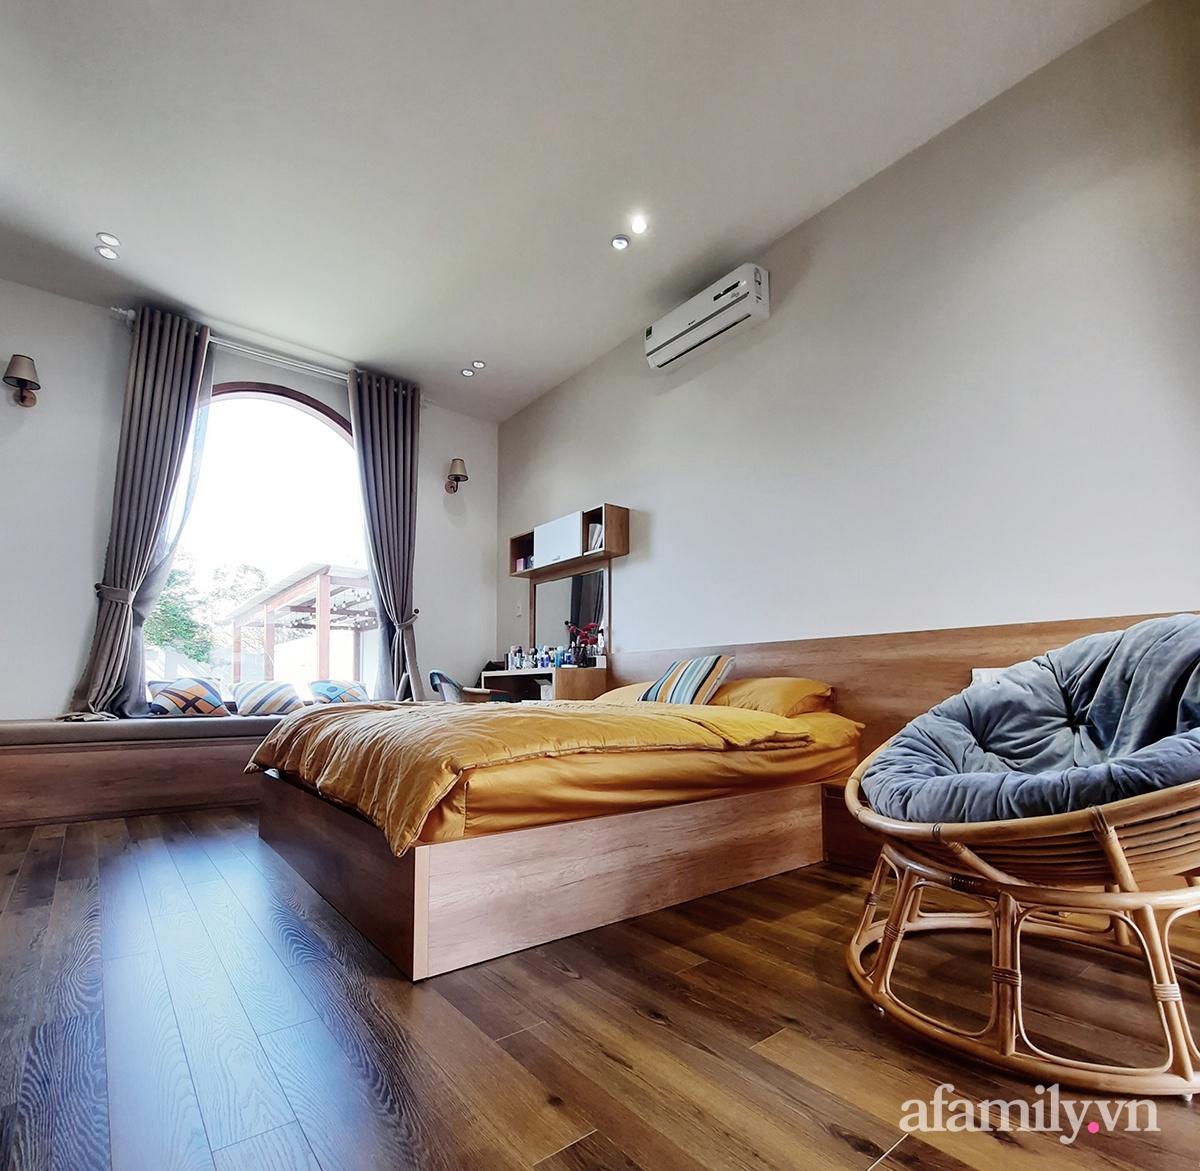 22 2 16026018450601241148911 - Với chi phí 1 tỷ đồng, cặp vợ chồng trẻ Đắk Lắk xây ngôi nhà mơ ước với những đường cong đẹp ngất ngây